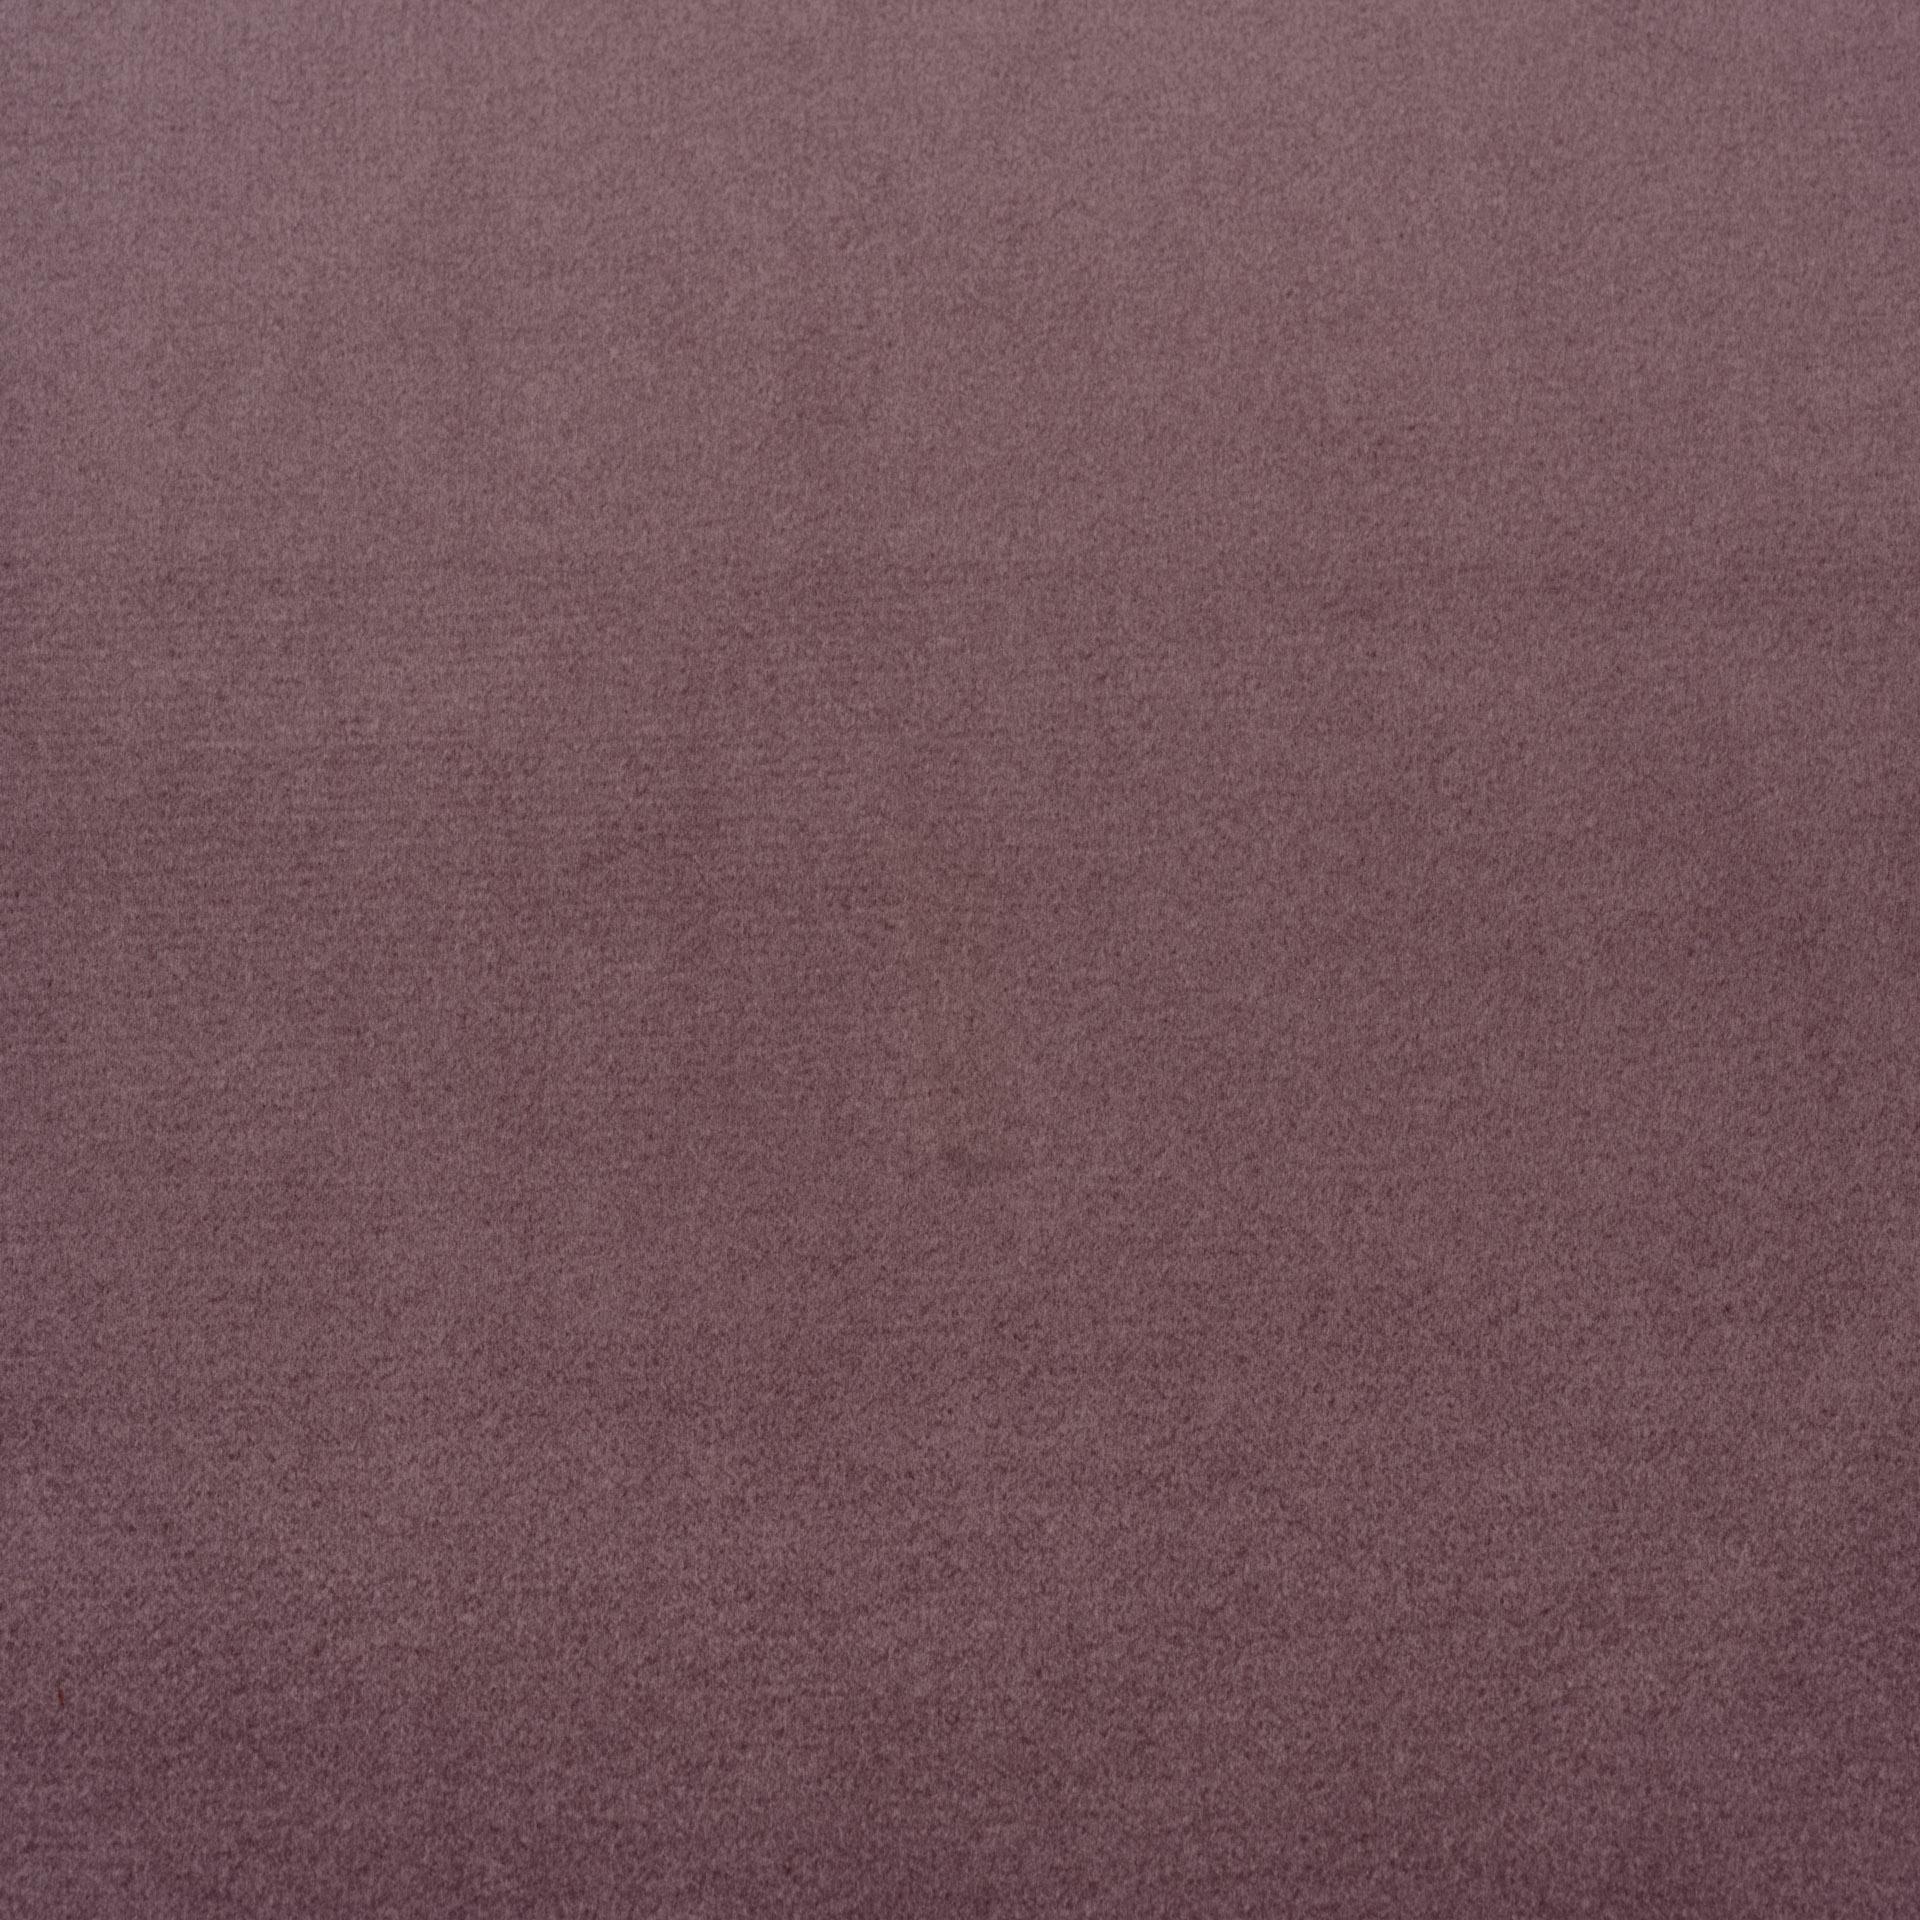 Коллекция ткани Багира 13 ROSE QUARTZ,  купить ткань Велюр для мебели Украина